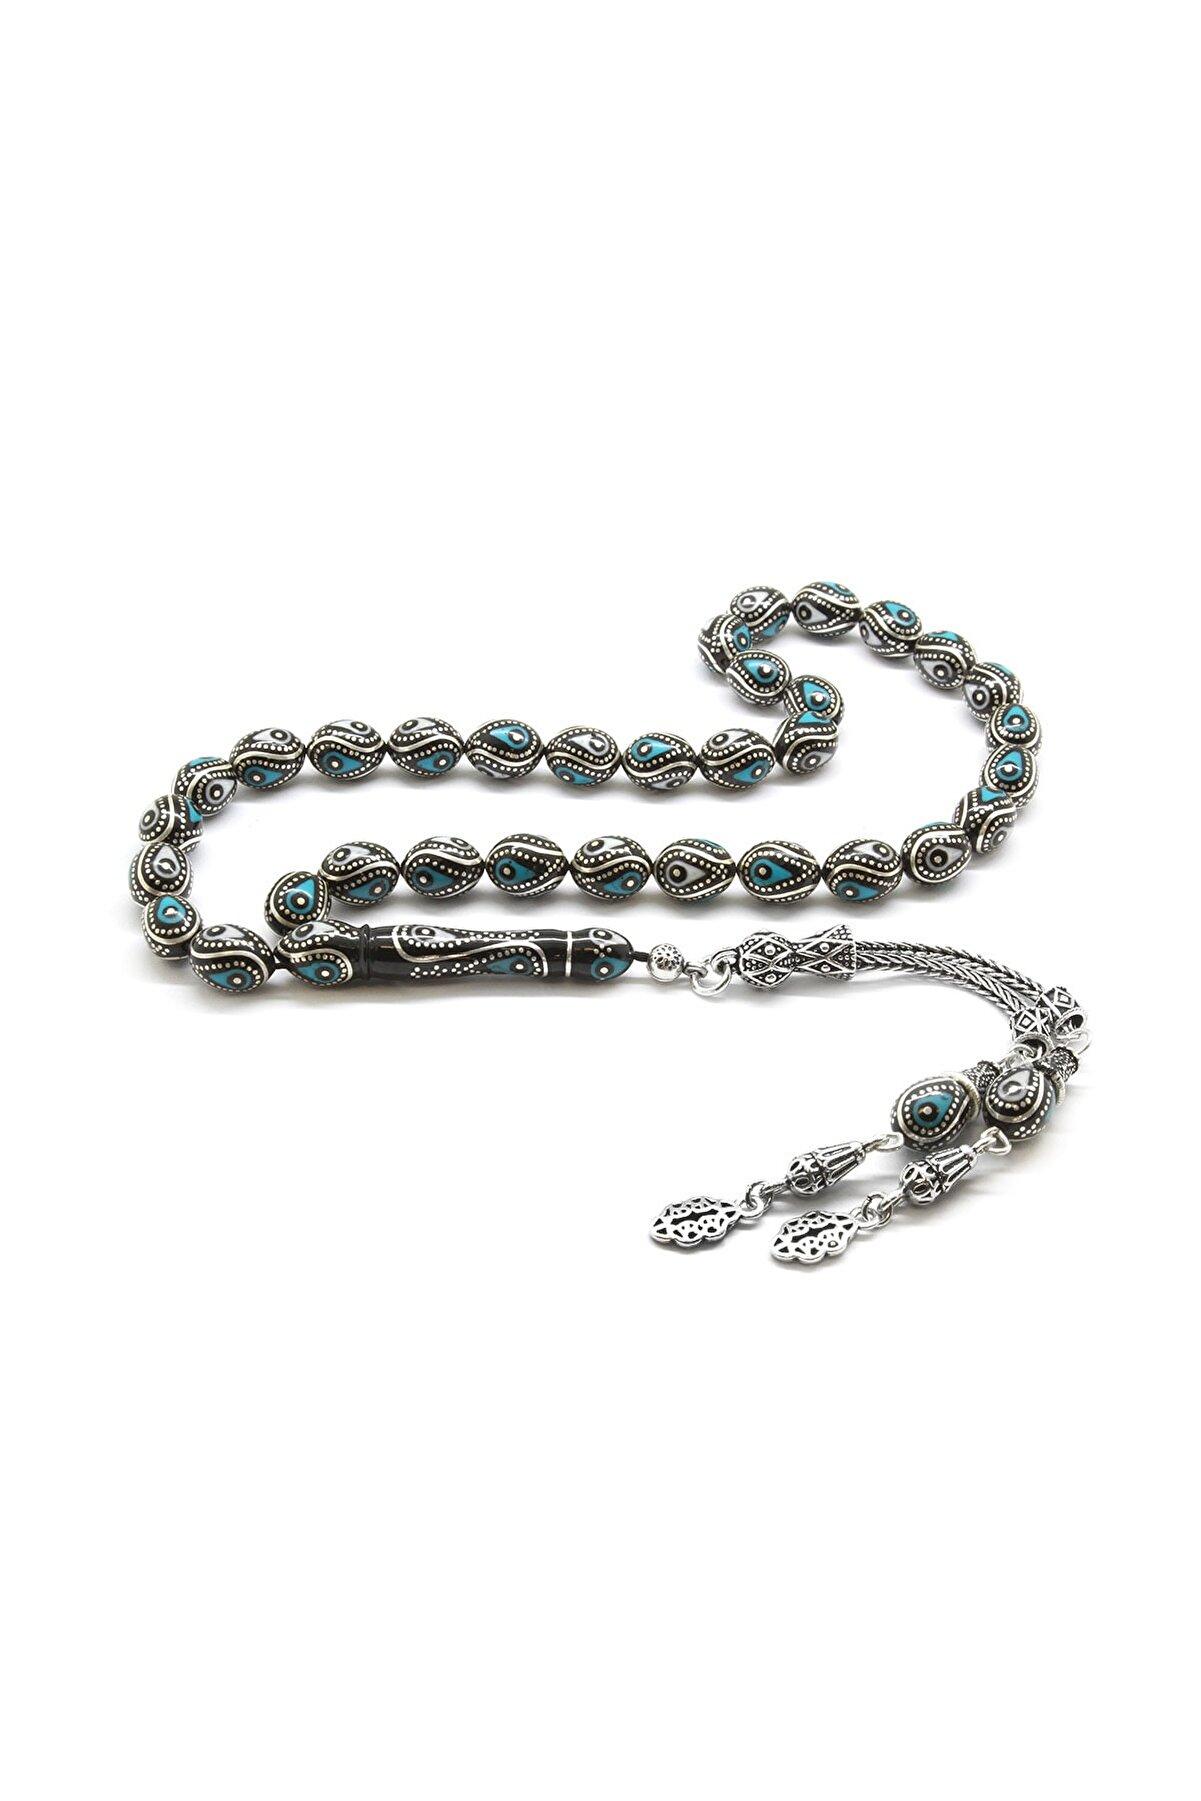 Tesbihane 925 Ayar Gümüş Püsküllü Gümüş-Firuze-Mine İşlemeli Arpa Kesim Erzurum Oltu Taşı Tesbih 101001820